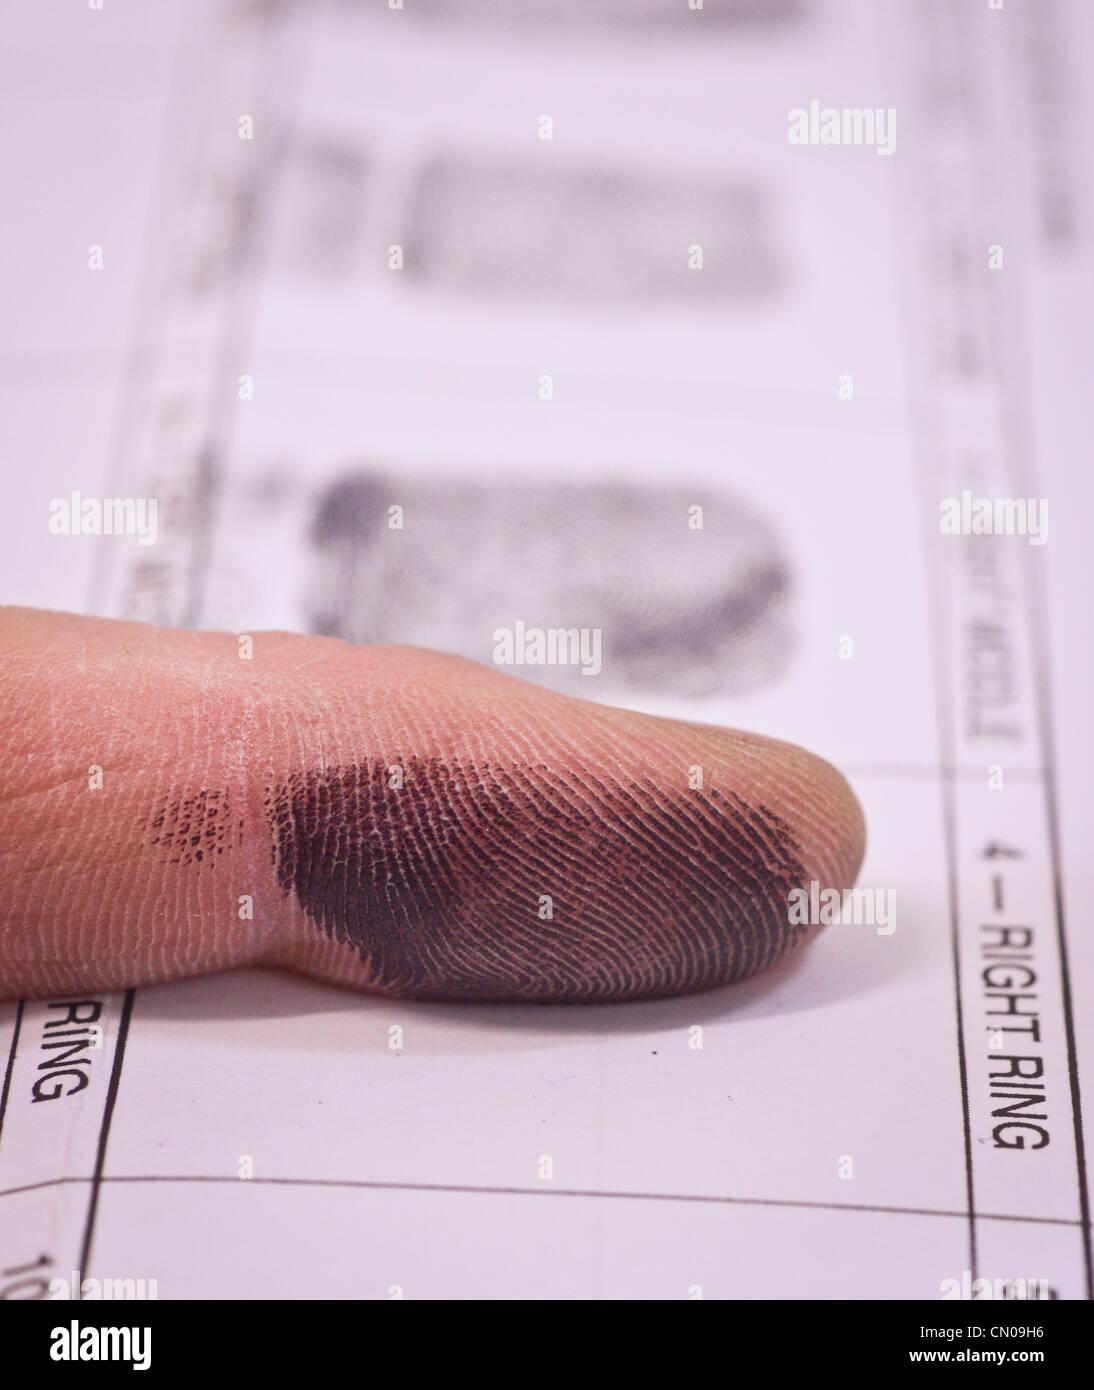 Une personne ayant pris ses empreintes digitales Photo Stock